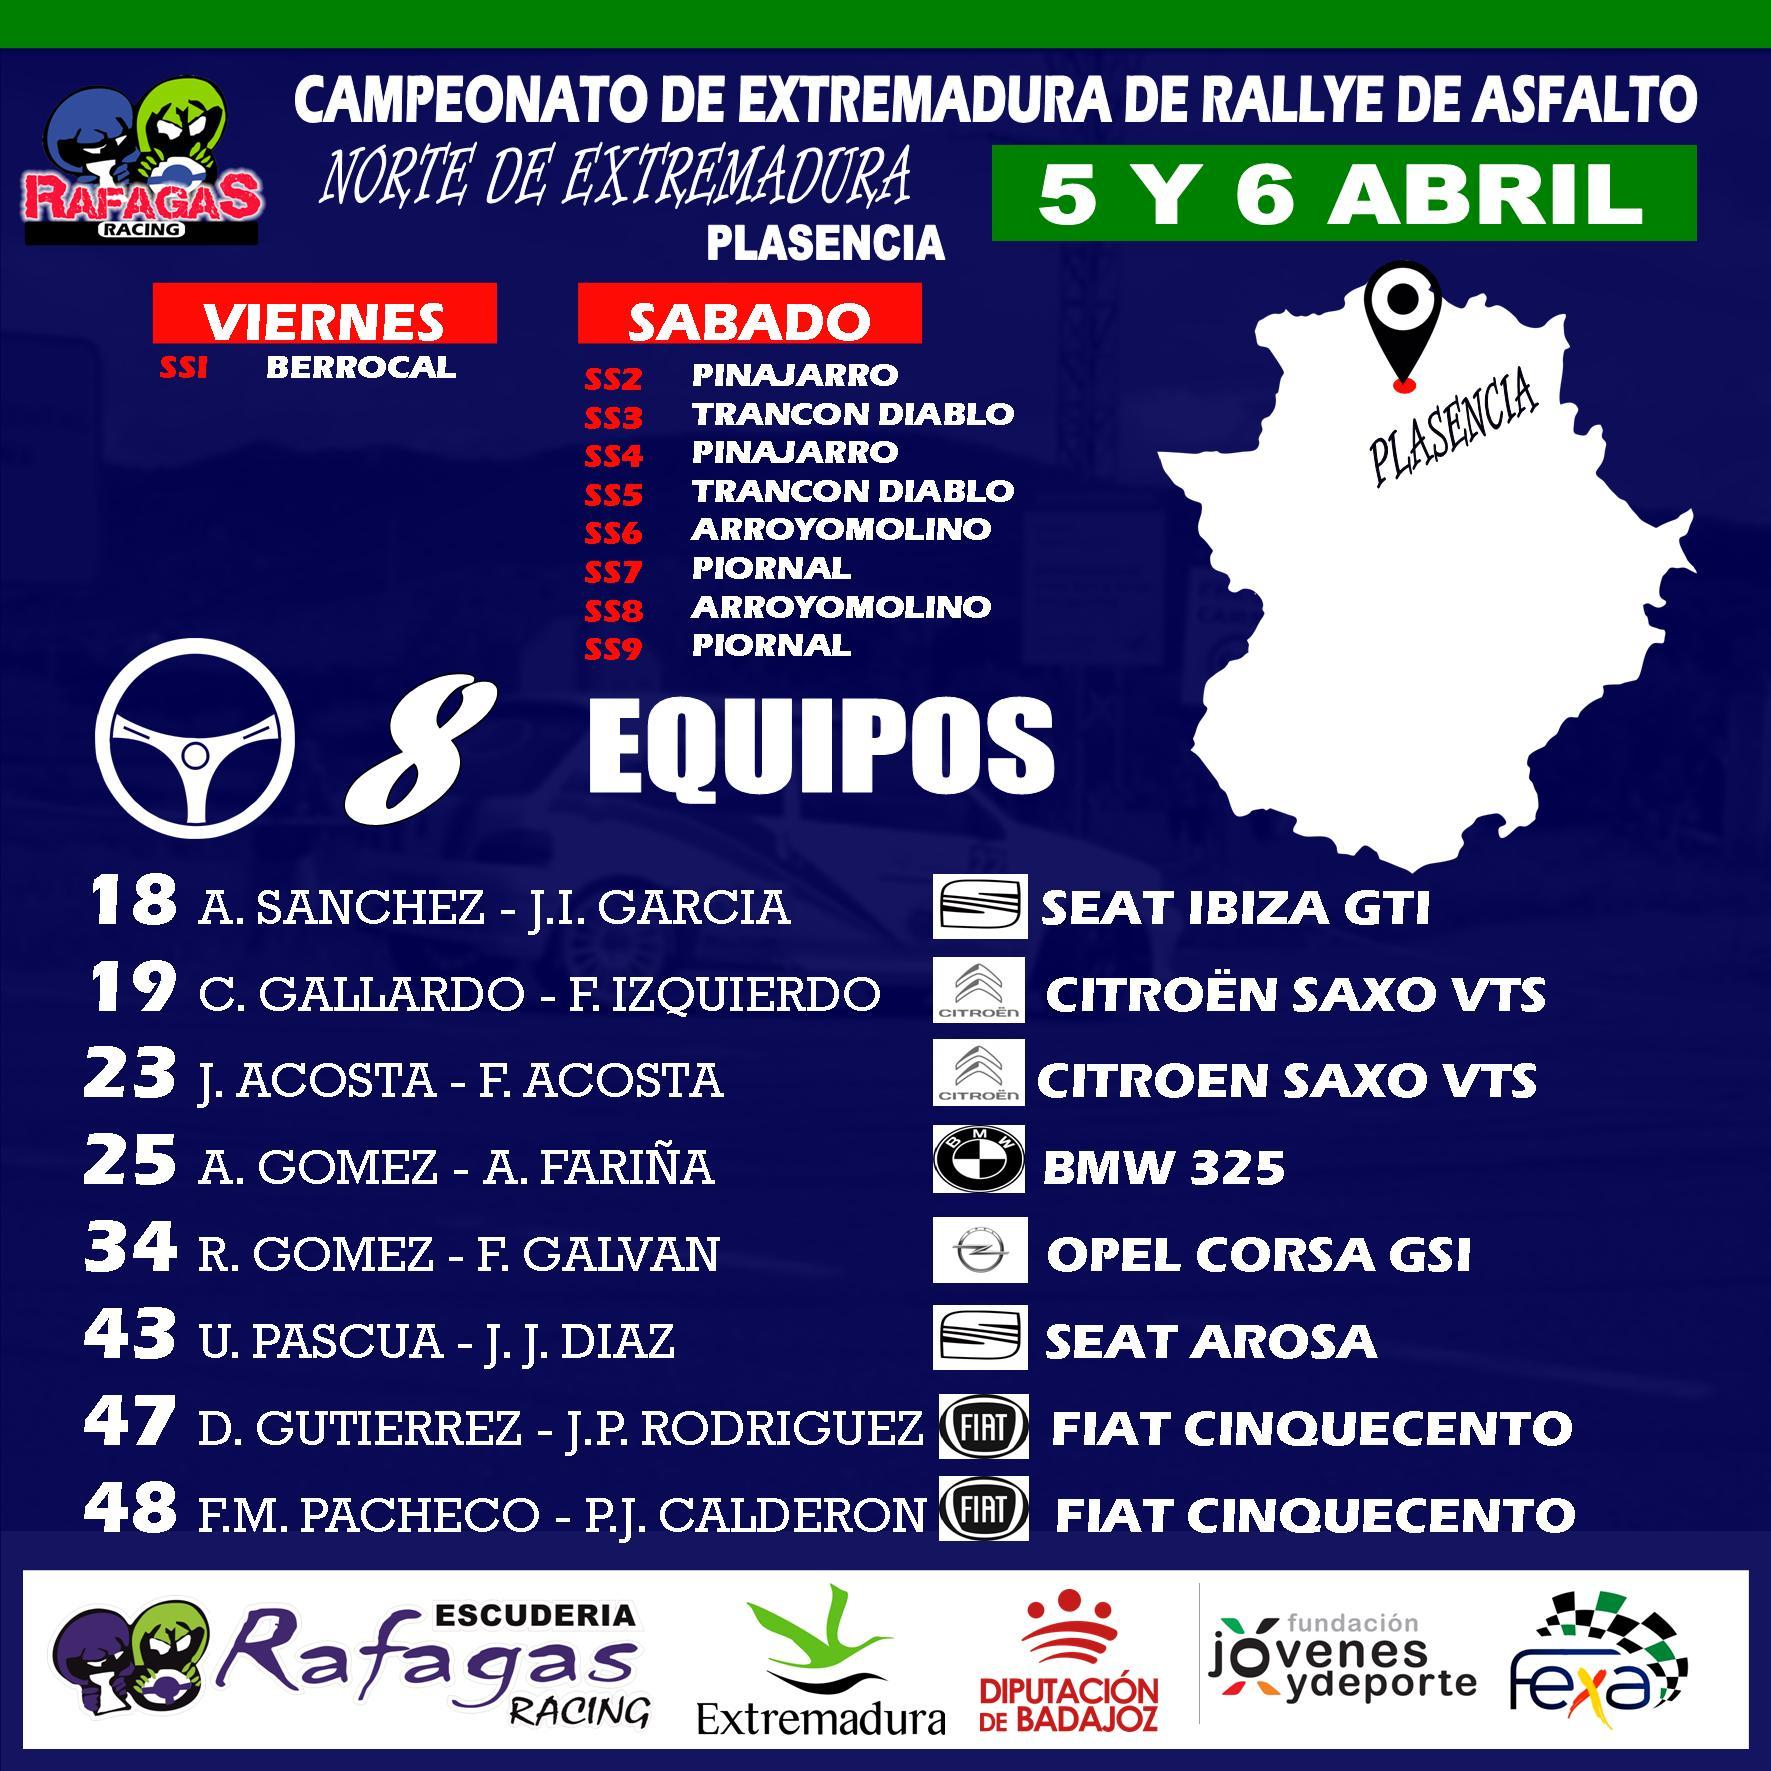 Ocho equipos de la Escuderia Rafagas Racing en el 34º Rallye Norte de Extremadura